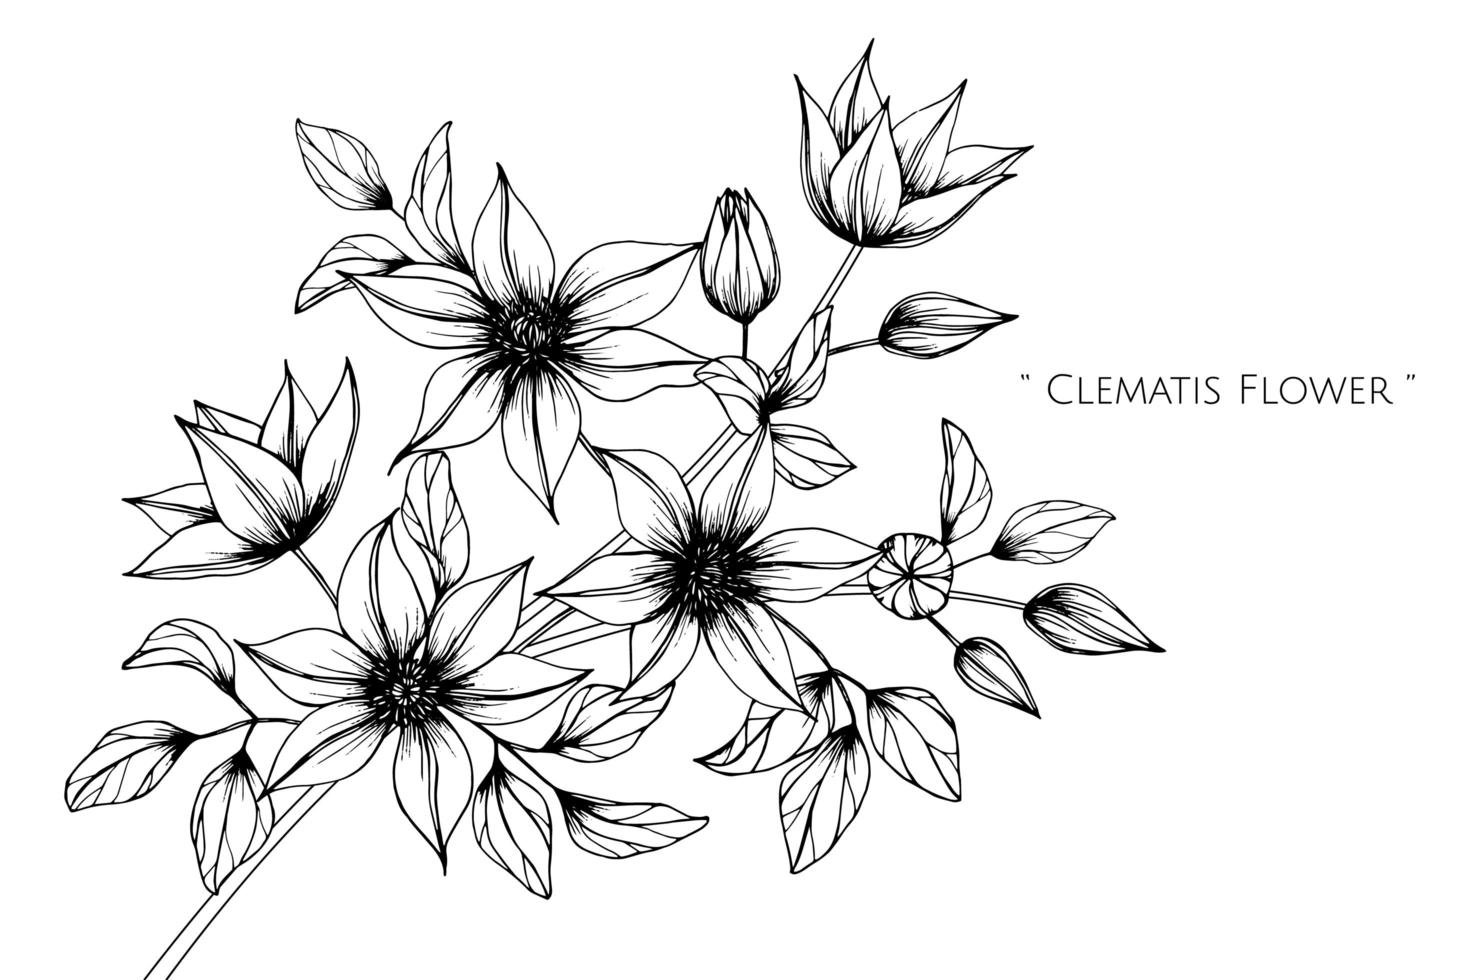 conception de fleurs et de feuilles de clématite dessinés à la main vecteur